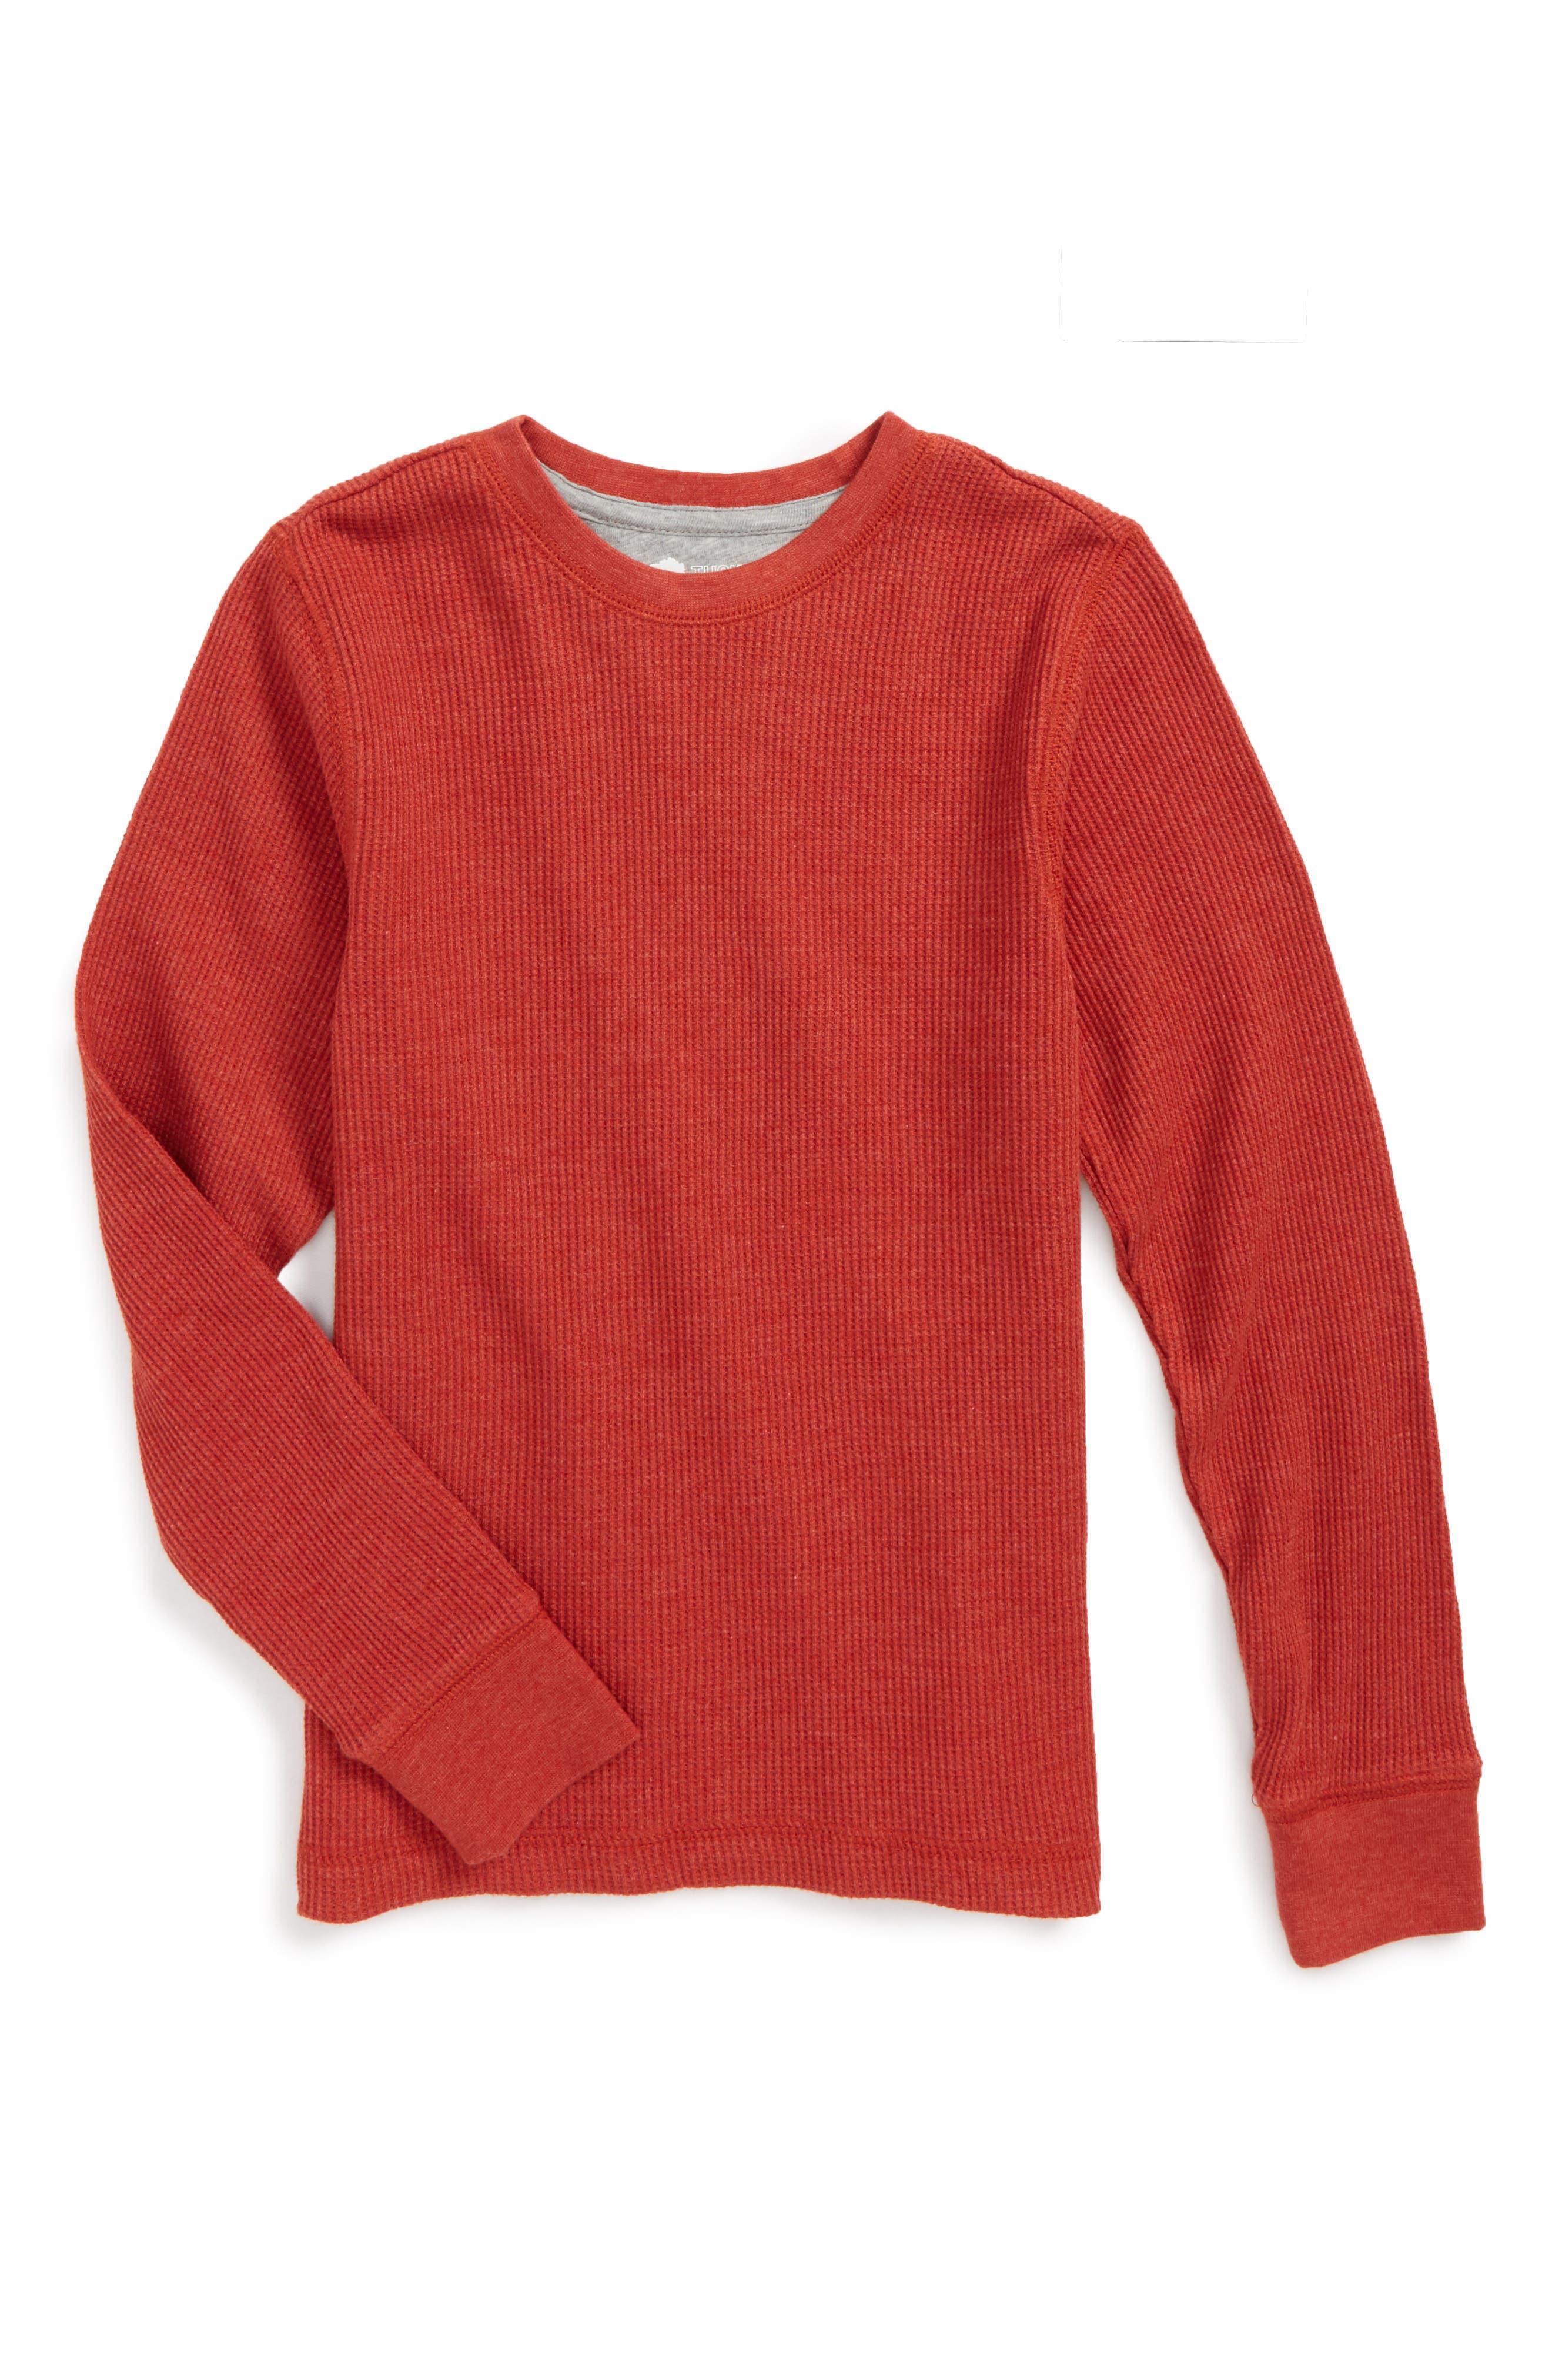 Long Sleeve Thermal T-Shirt,                         Main,                         color, Rust Bossa Nova